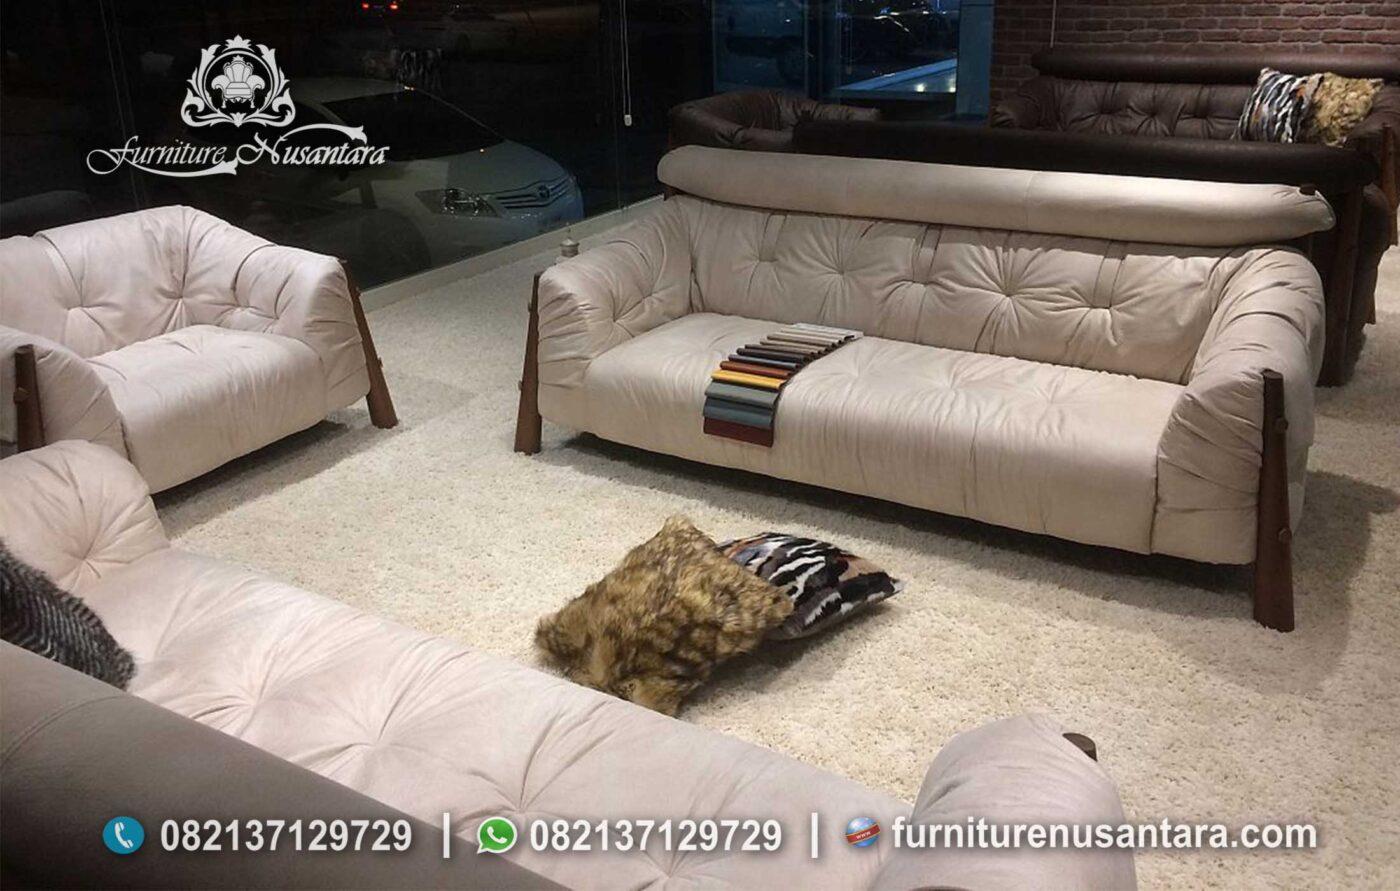 Inspirasi Model Sofa Tamu Unik ST-39, Furniture Nusantara